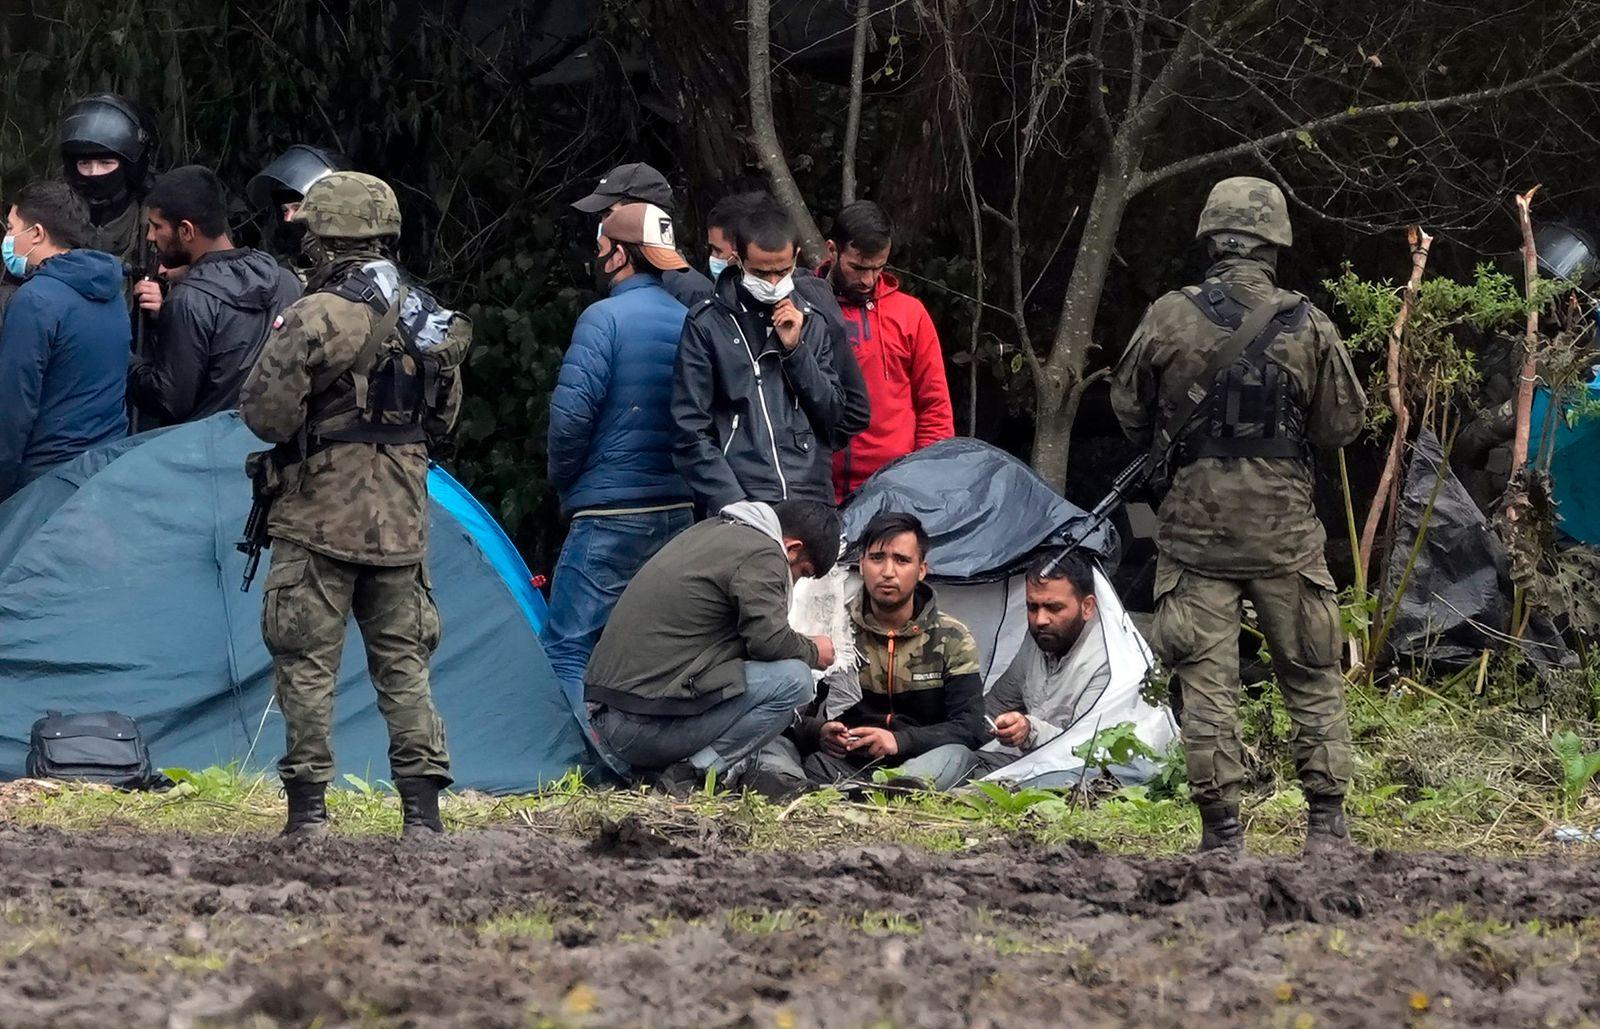 Polen - Migranten reisen illegal über Belarus in die EU ein